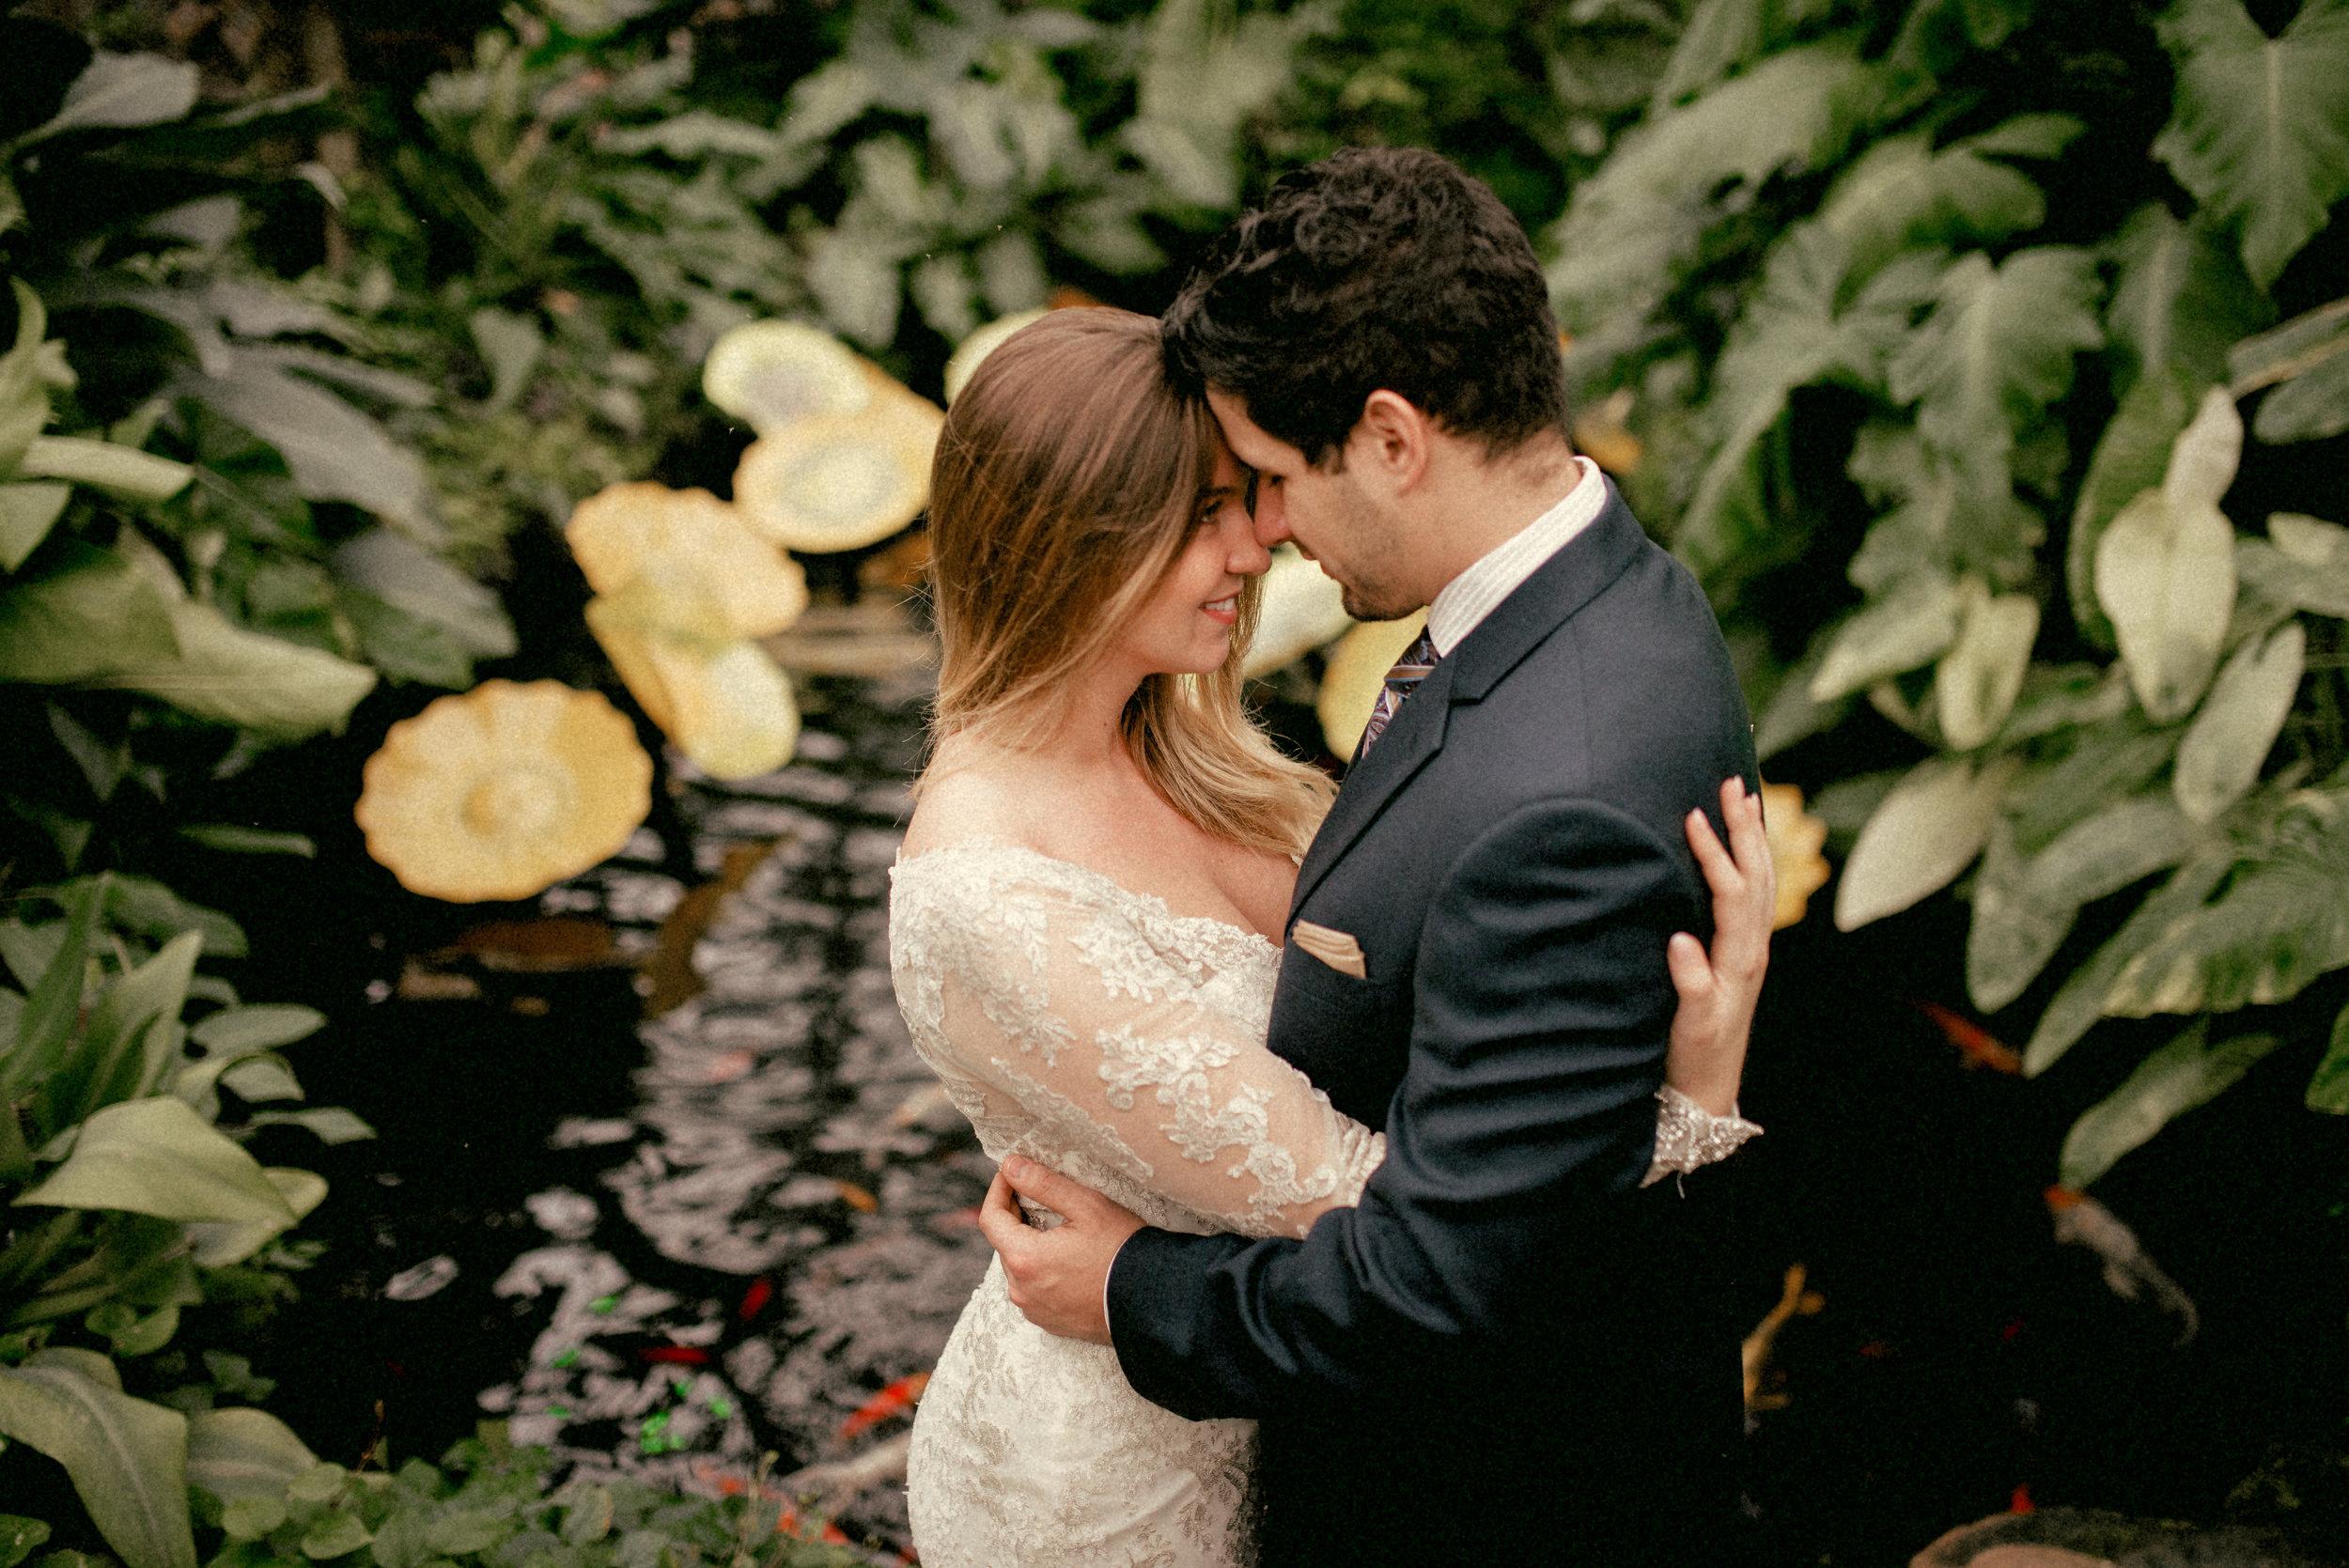 garfield park conservatory chicago wedding 40